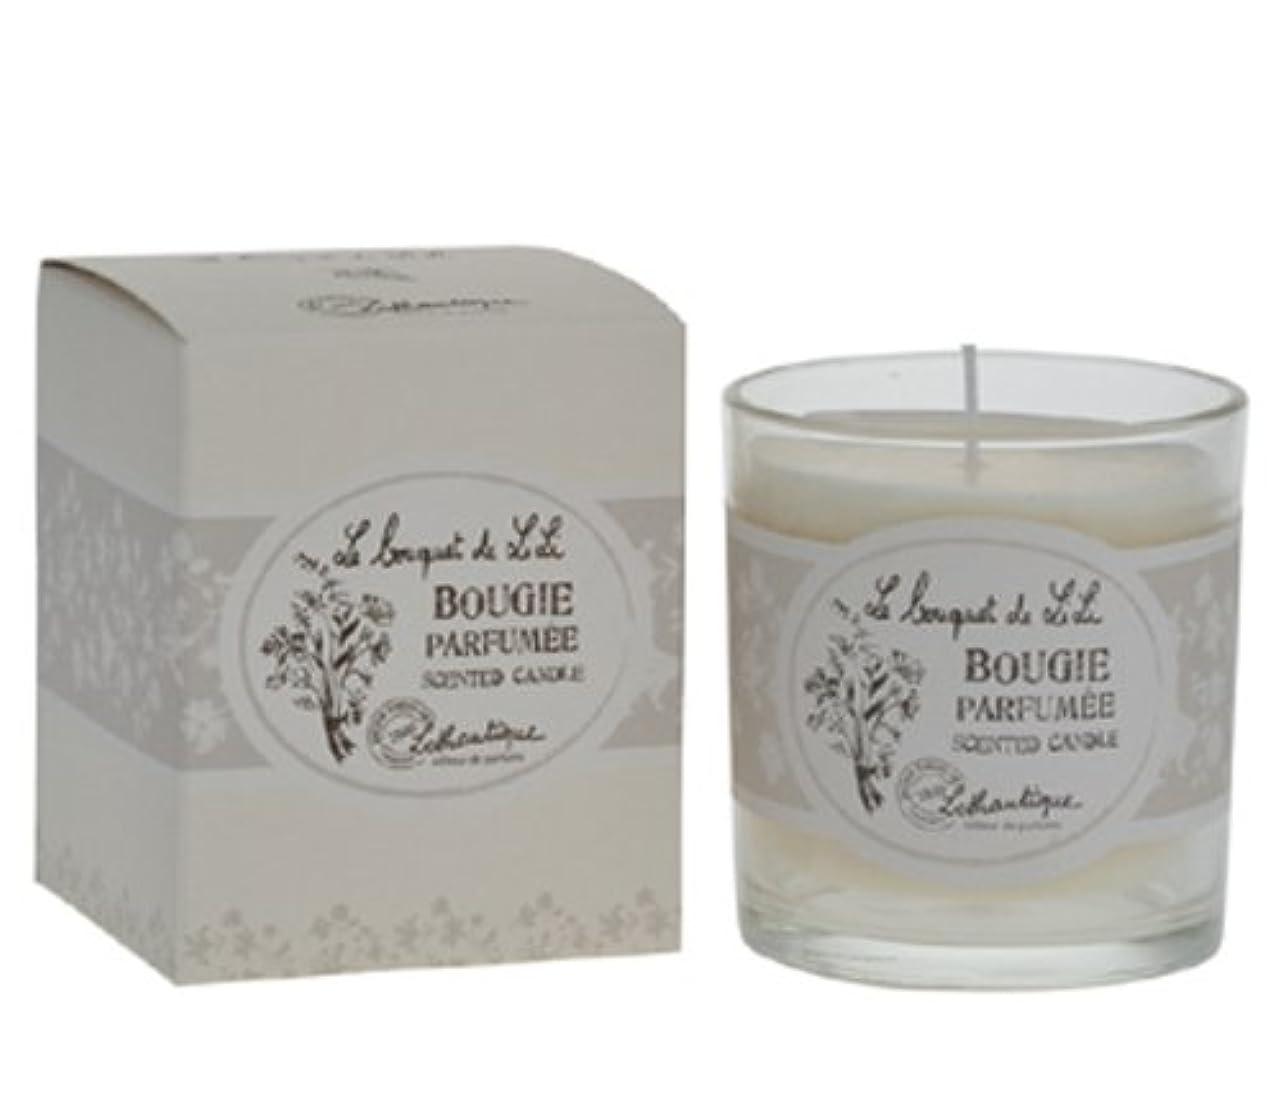 防腐剤にもかかわらずライナーLothantique(ロタンティック) Le bouquet de LiLi(ブーケドゥリリシリーズ) キャンドル 140g 3420070029065